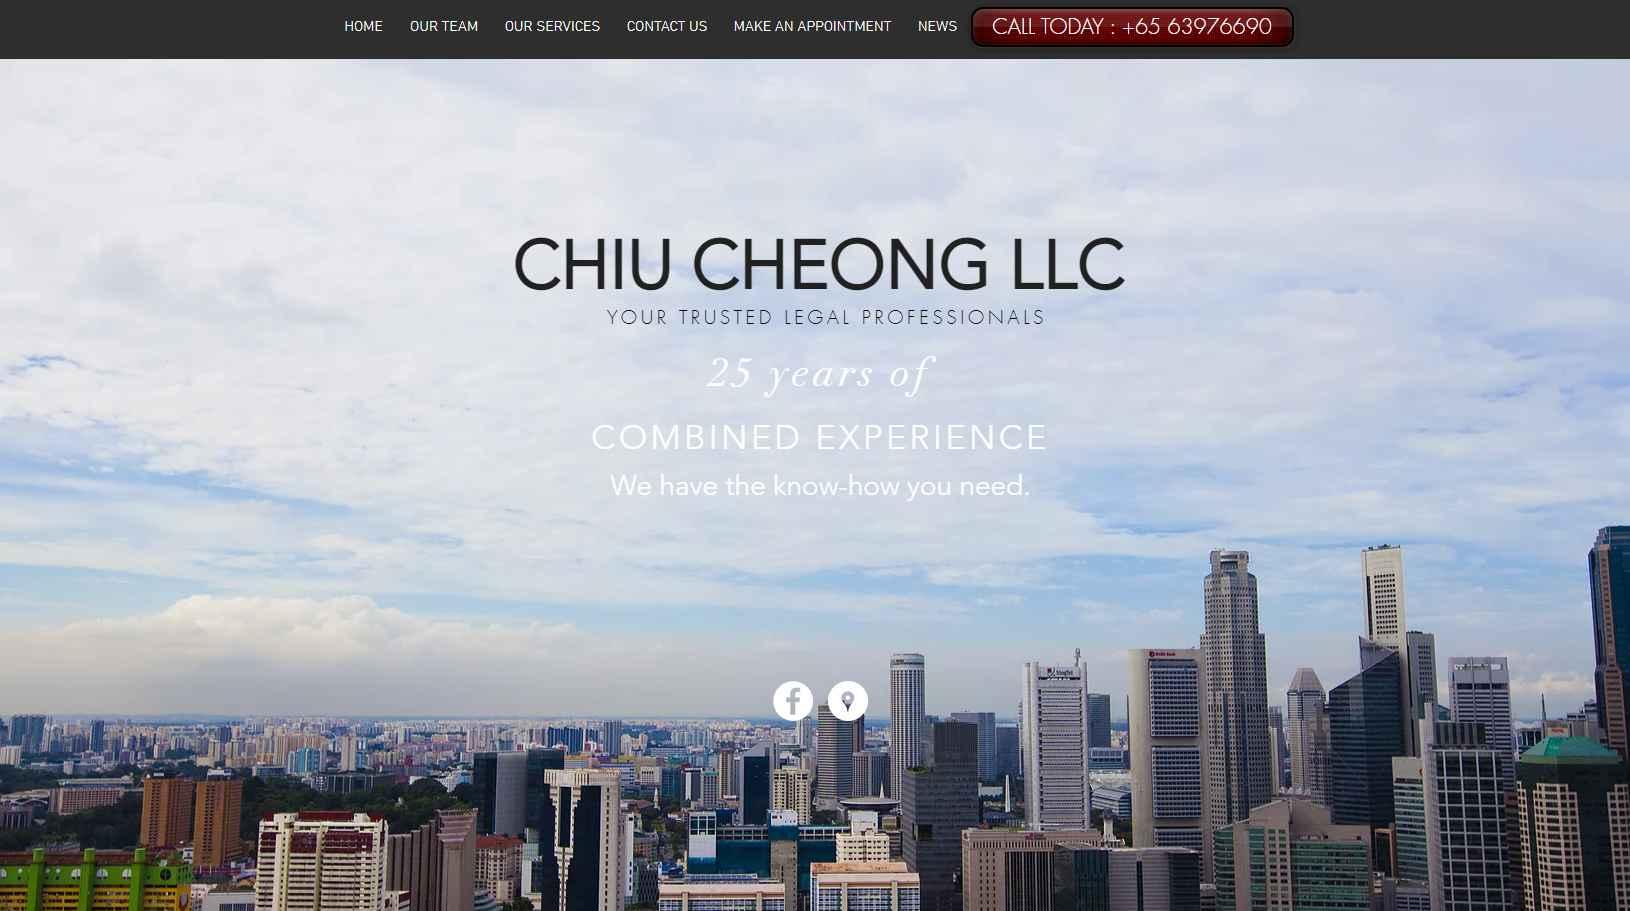 Chiu Cheong Top Notary Public in Singapore